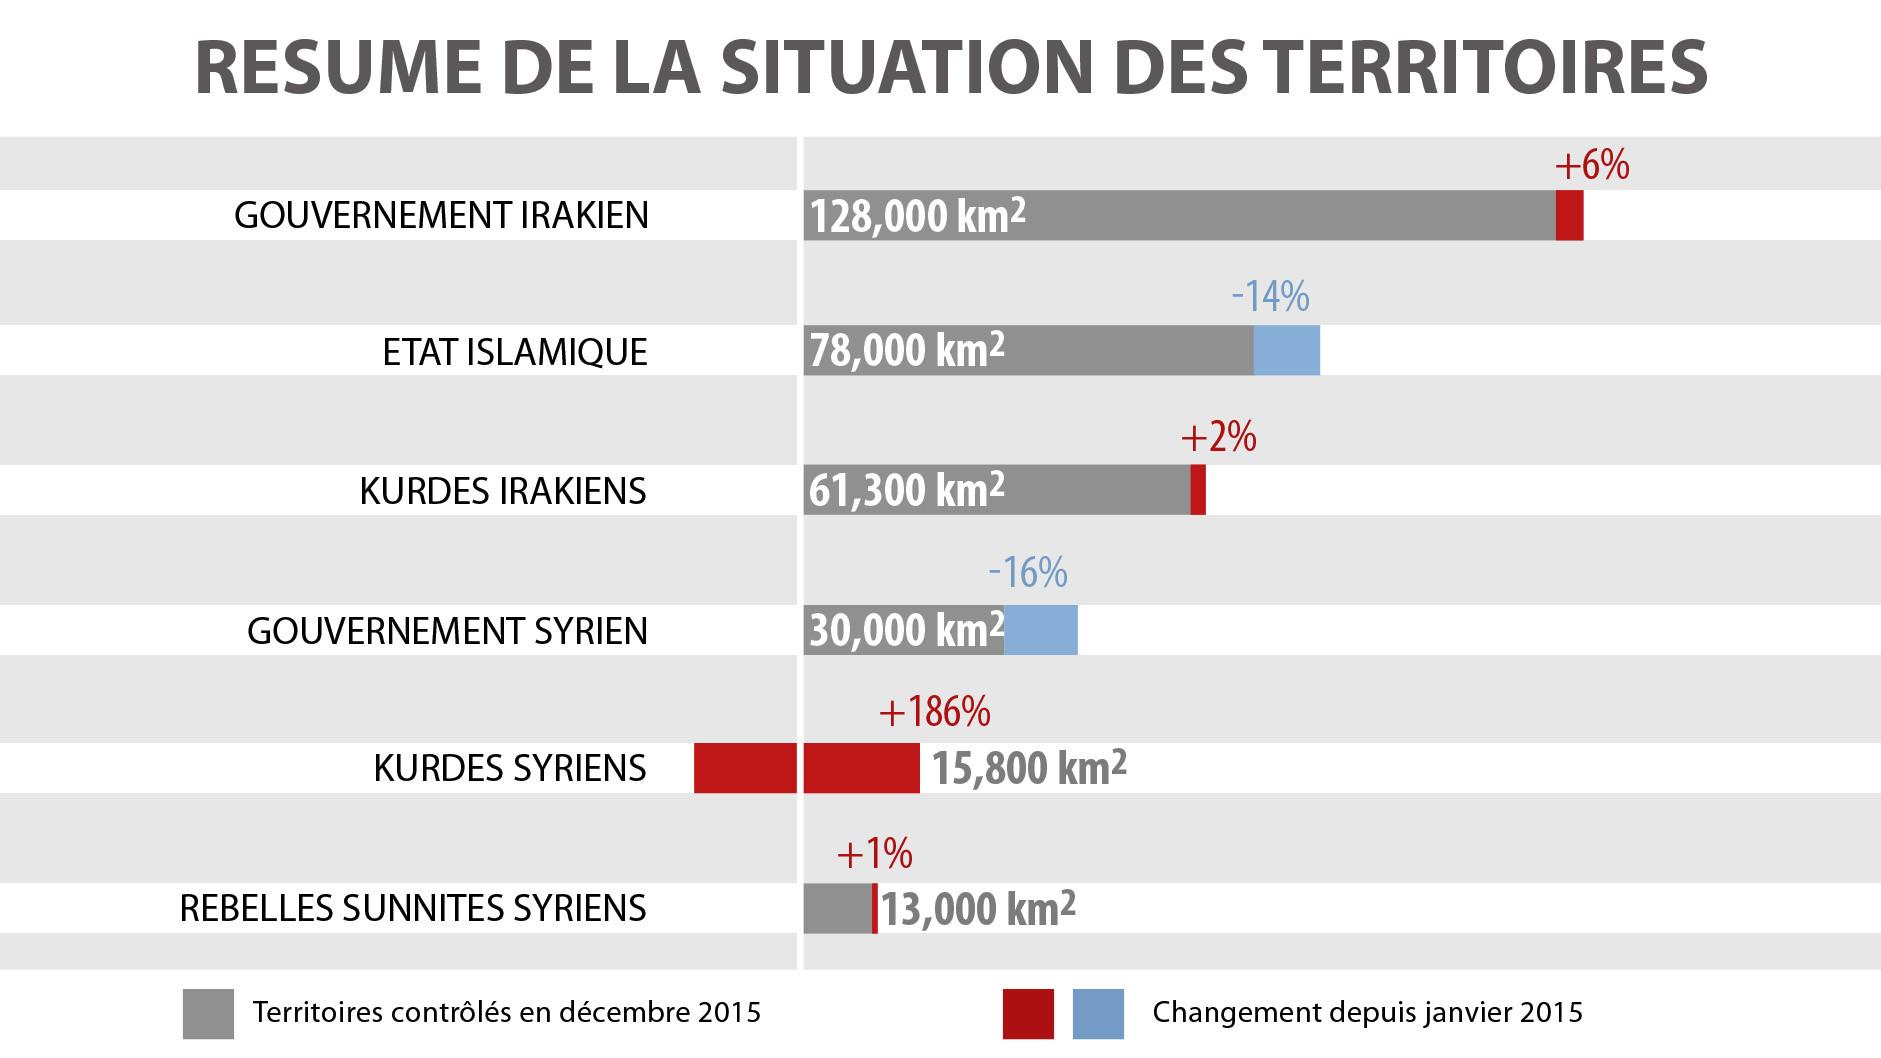 Pertes et gains territoriaux en Irak des différents acteurs (en pourcentages).